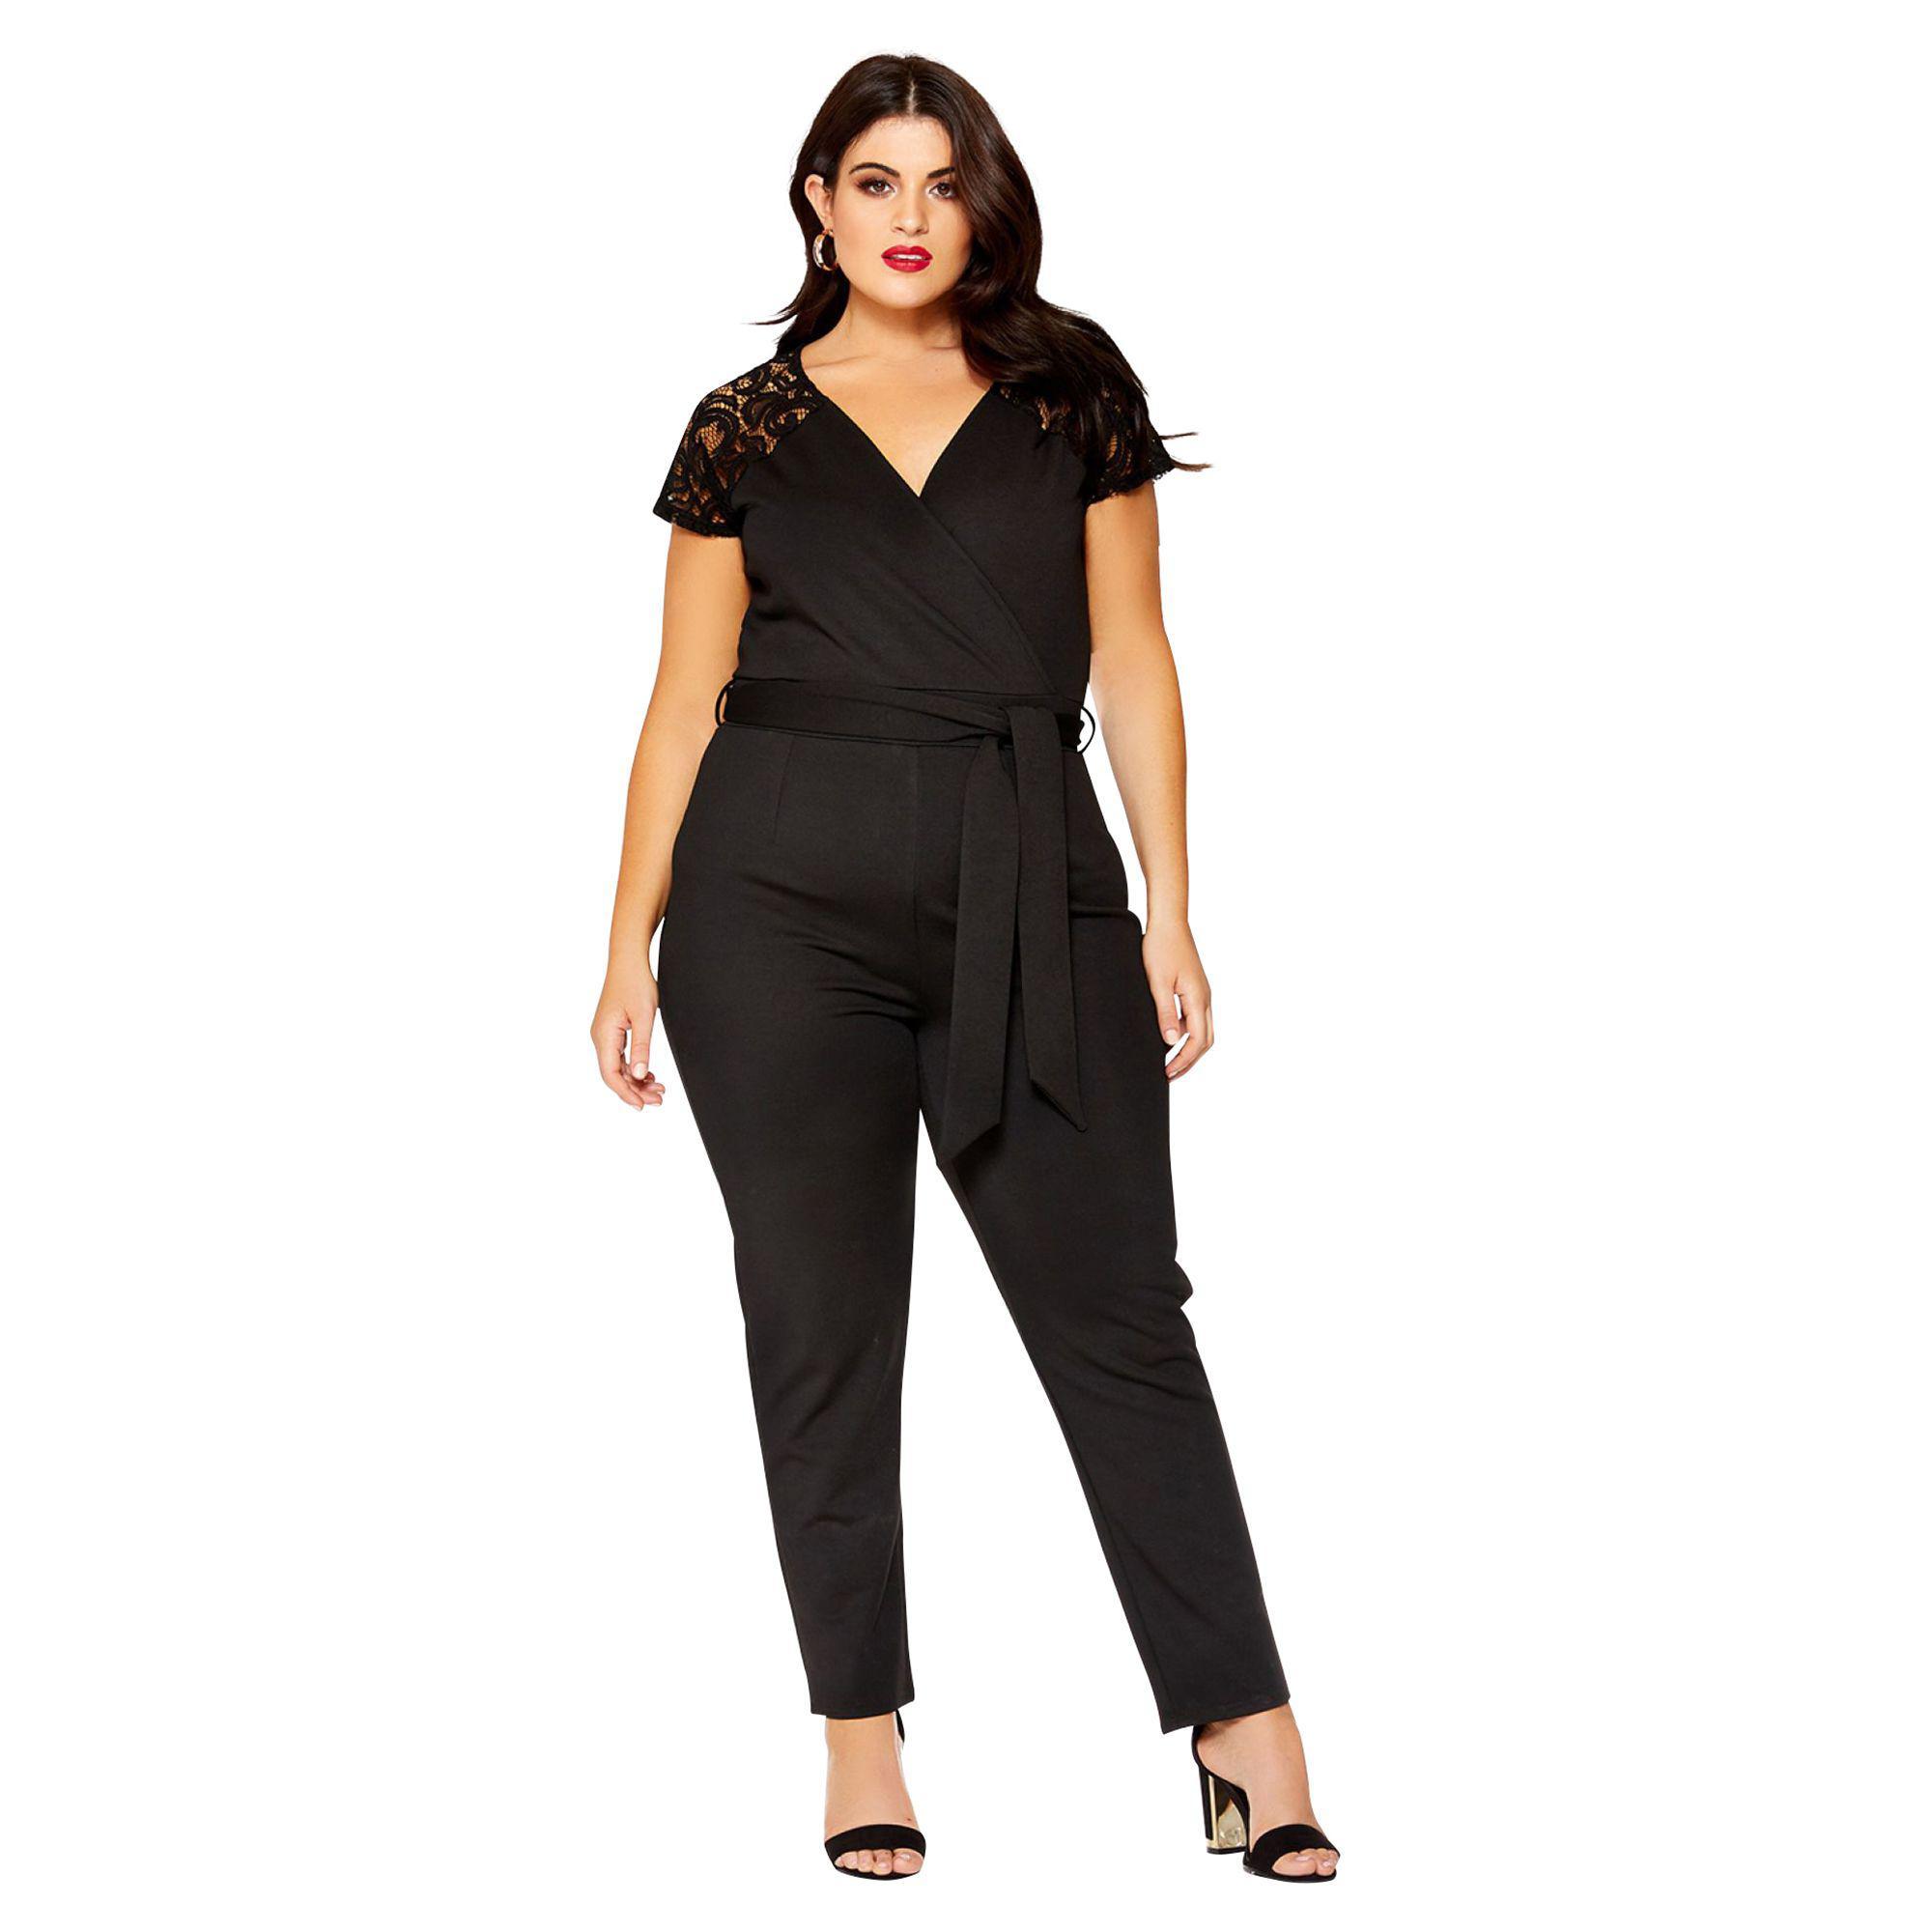 e30d07a33fcc Quiz Curve Black Lace Cap Sleeve Jumpsuit in Black - Lyst